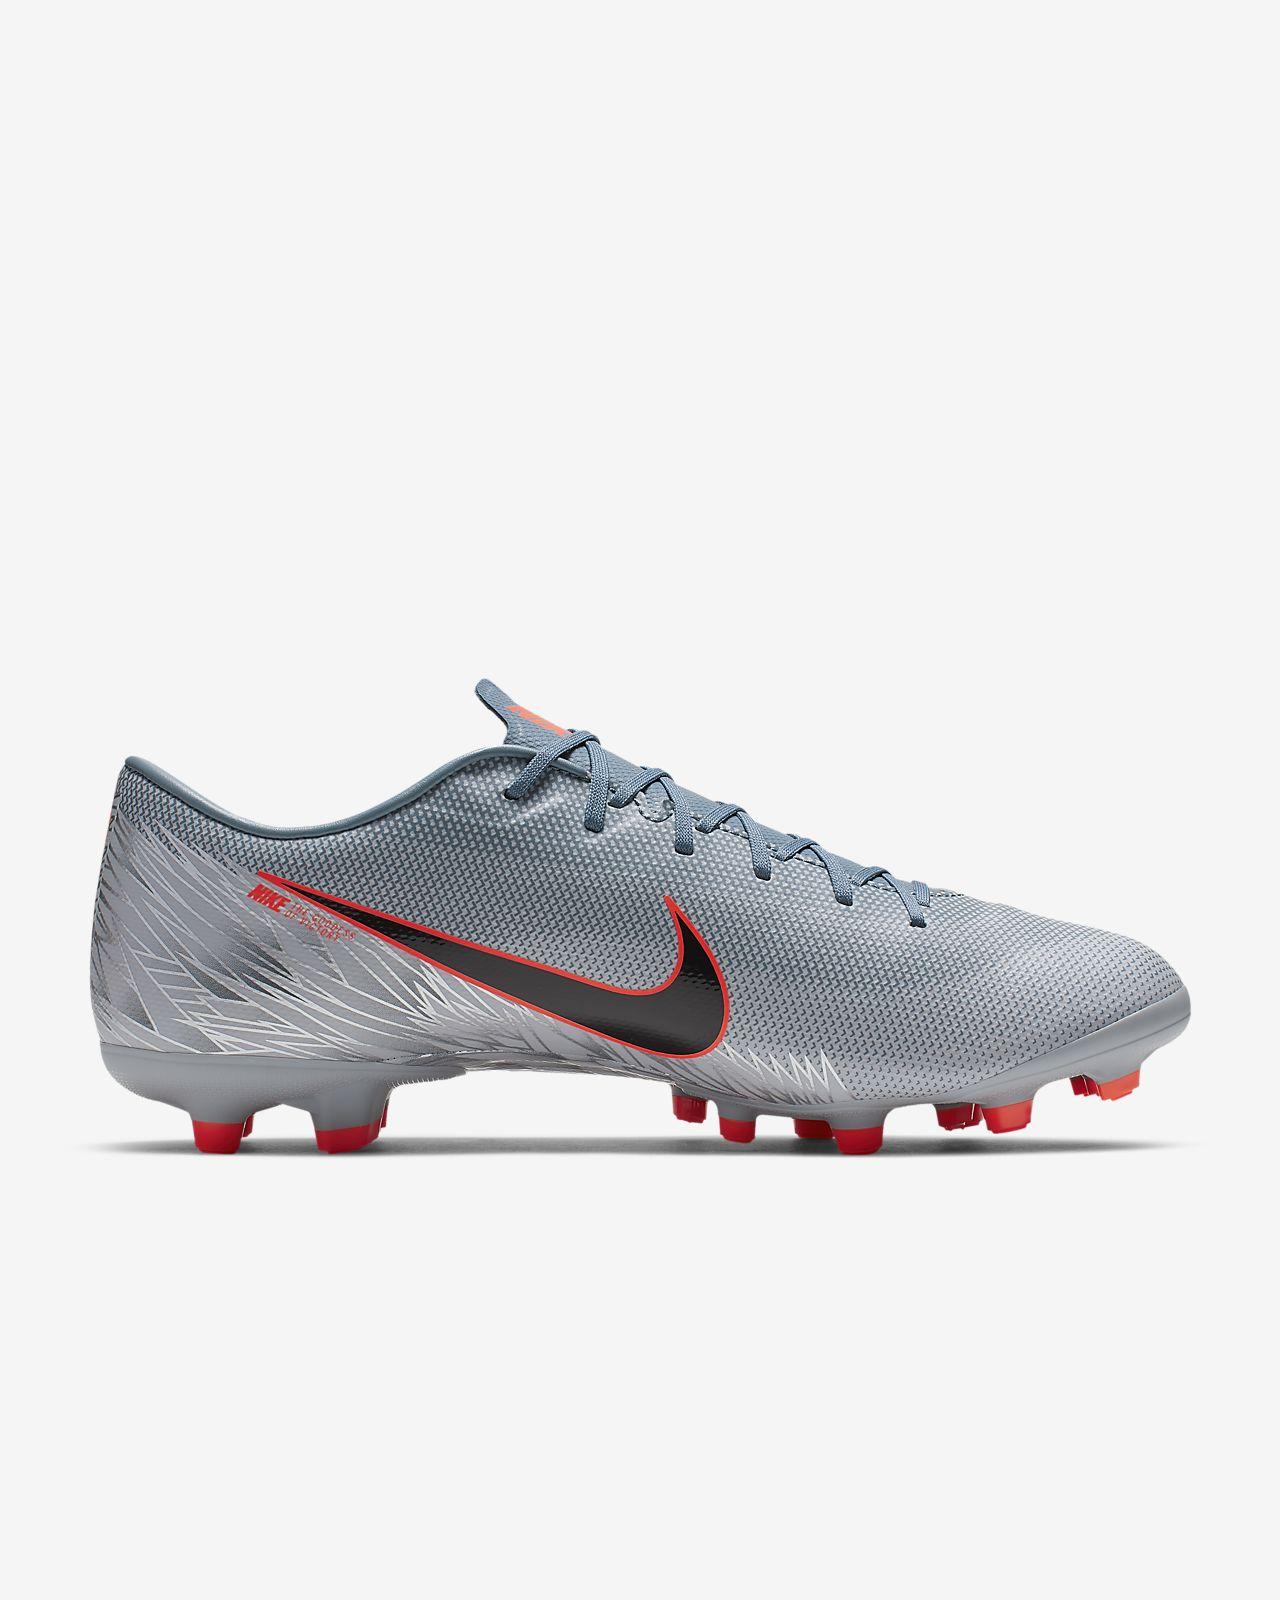 15b6f1577 Nike Vapor 12 Academy MG Fußballschuh für verschiedene Böden. Nike ...